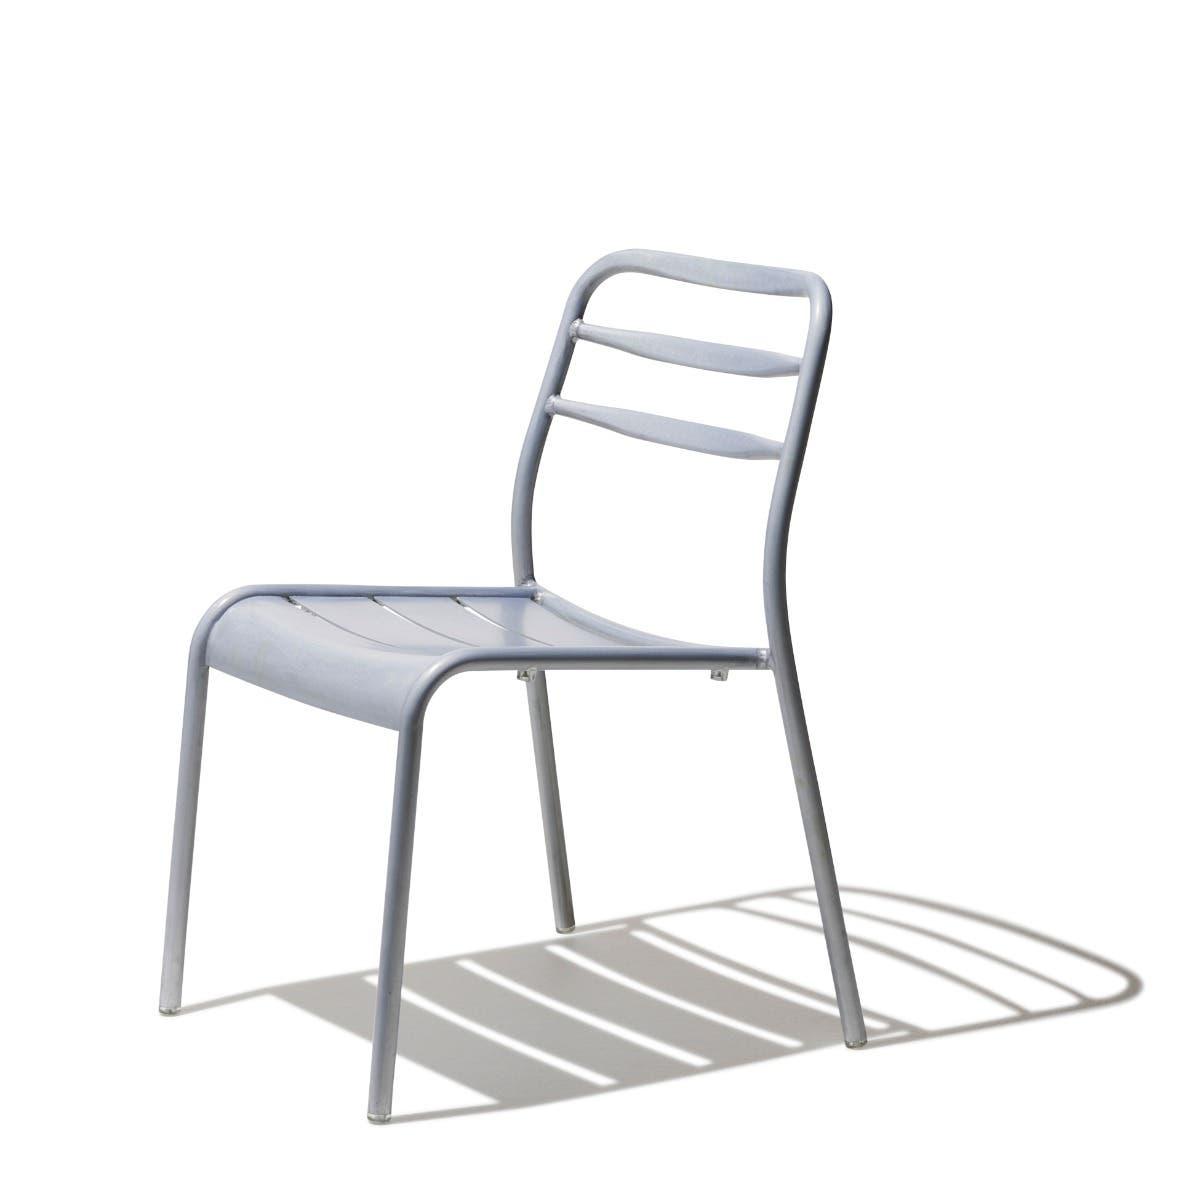 Industry West Suzy Side Chair Ocean Blue Pantone 7469C